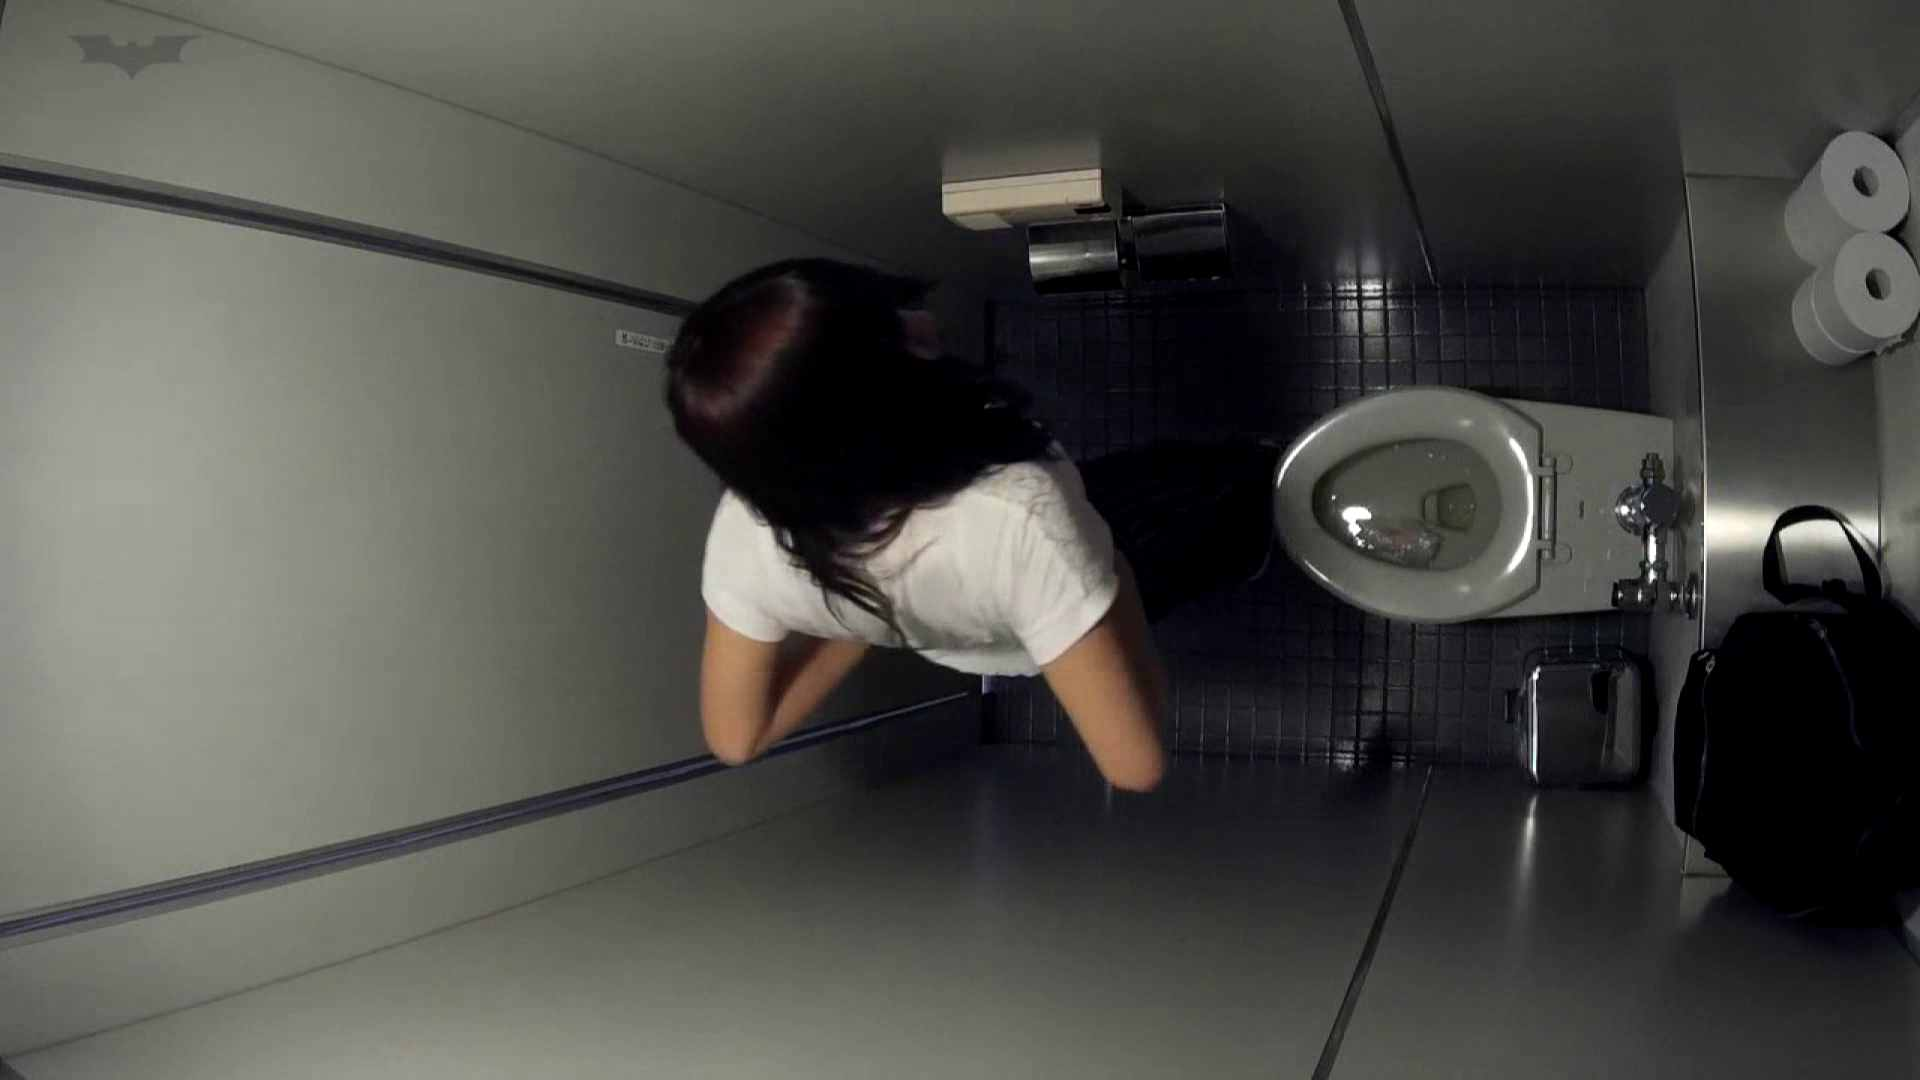 有名大学女性洗面所 vol.45 冴え渡る多方向撮影!職人技です。 潜入  98pic 10